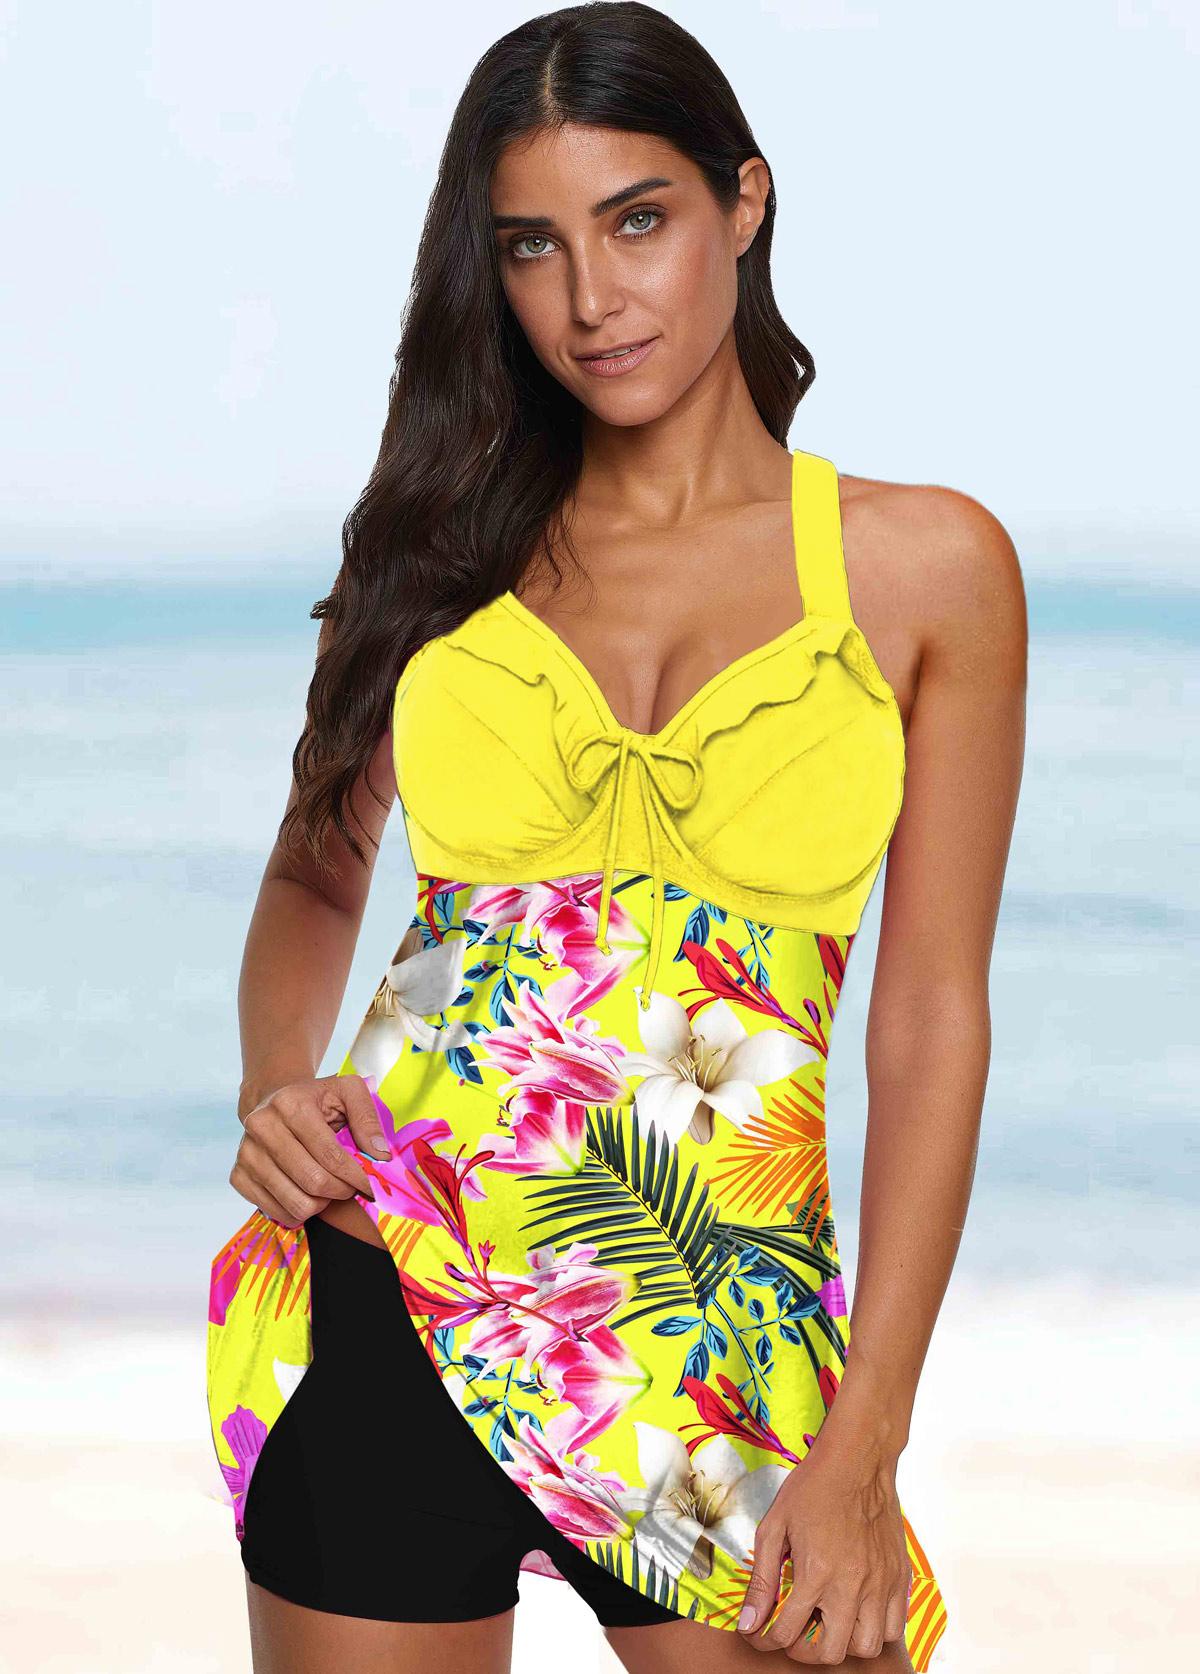 Floral Print Tie Front Spaghetti Strap Swimwear Top